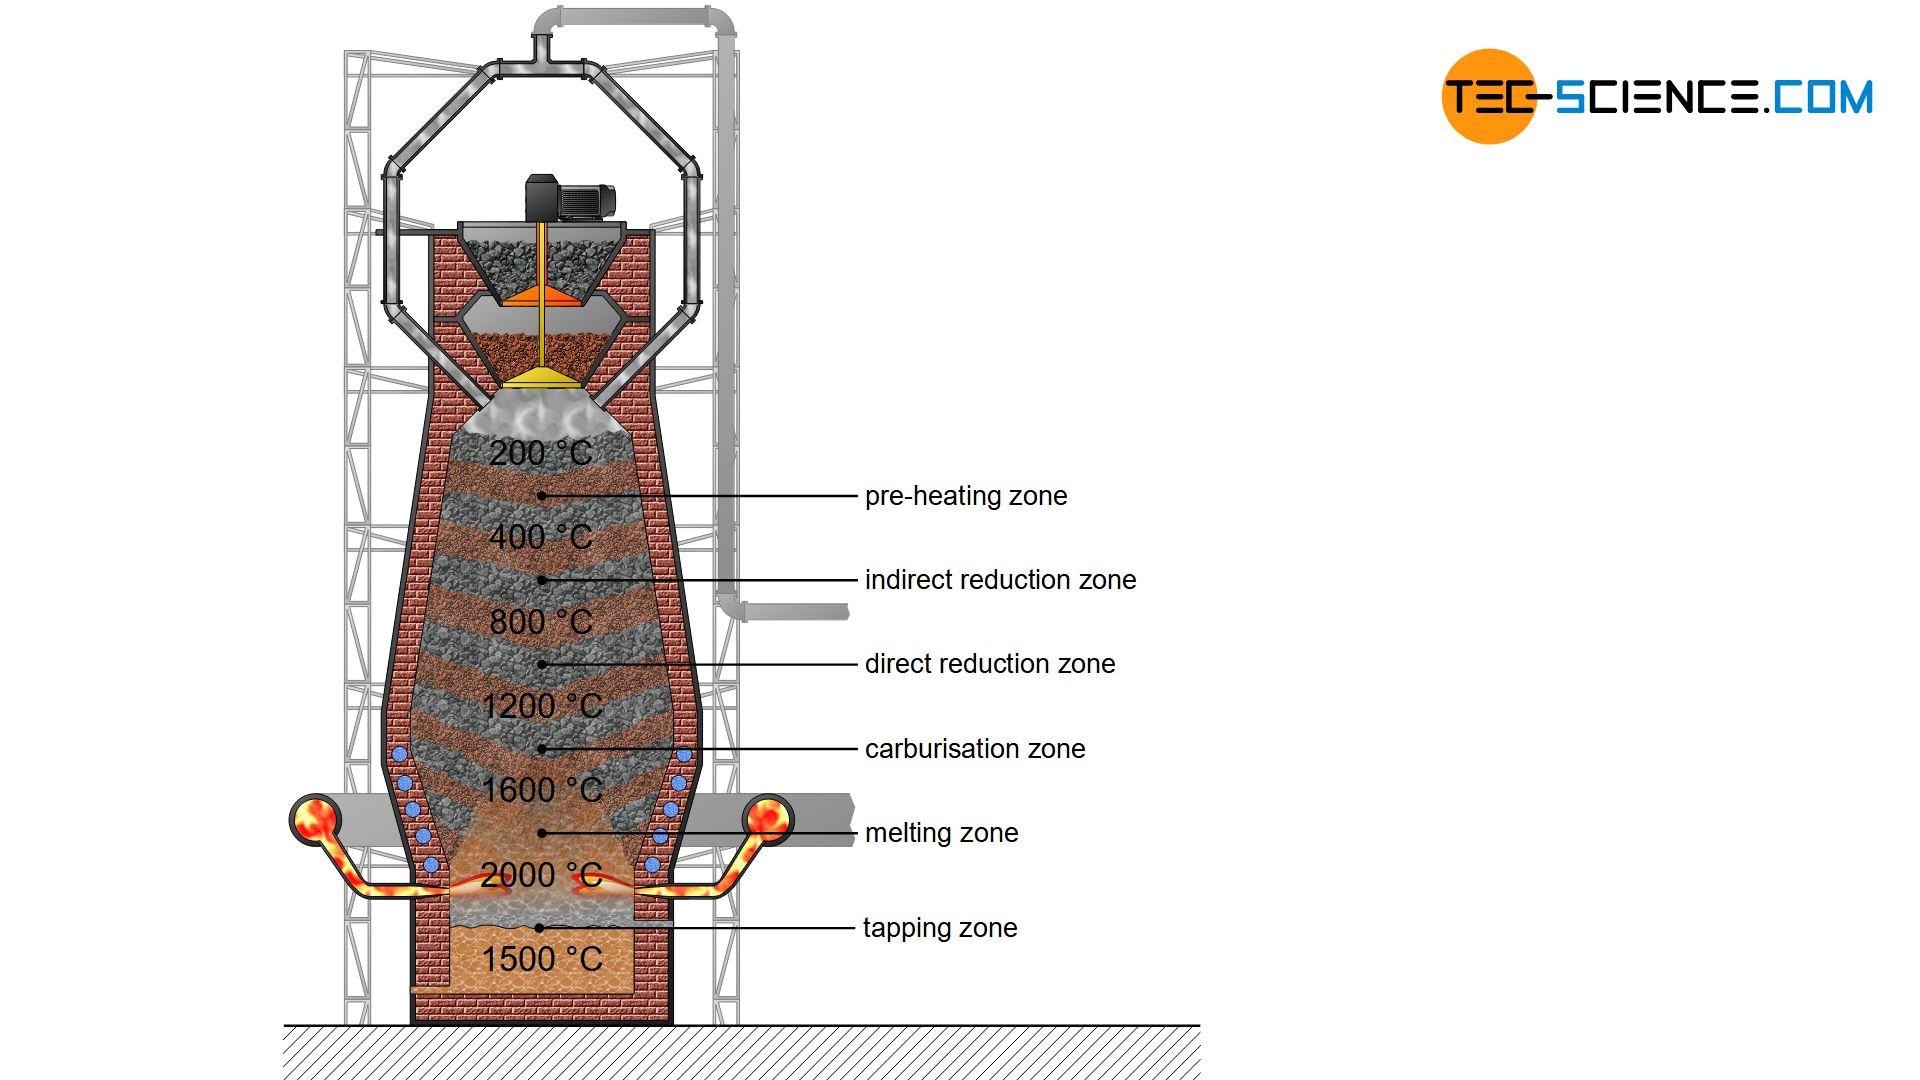 Zones in the blast furnace